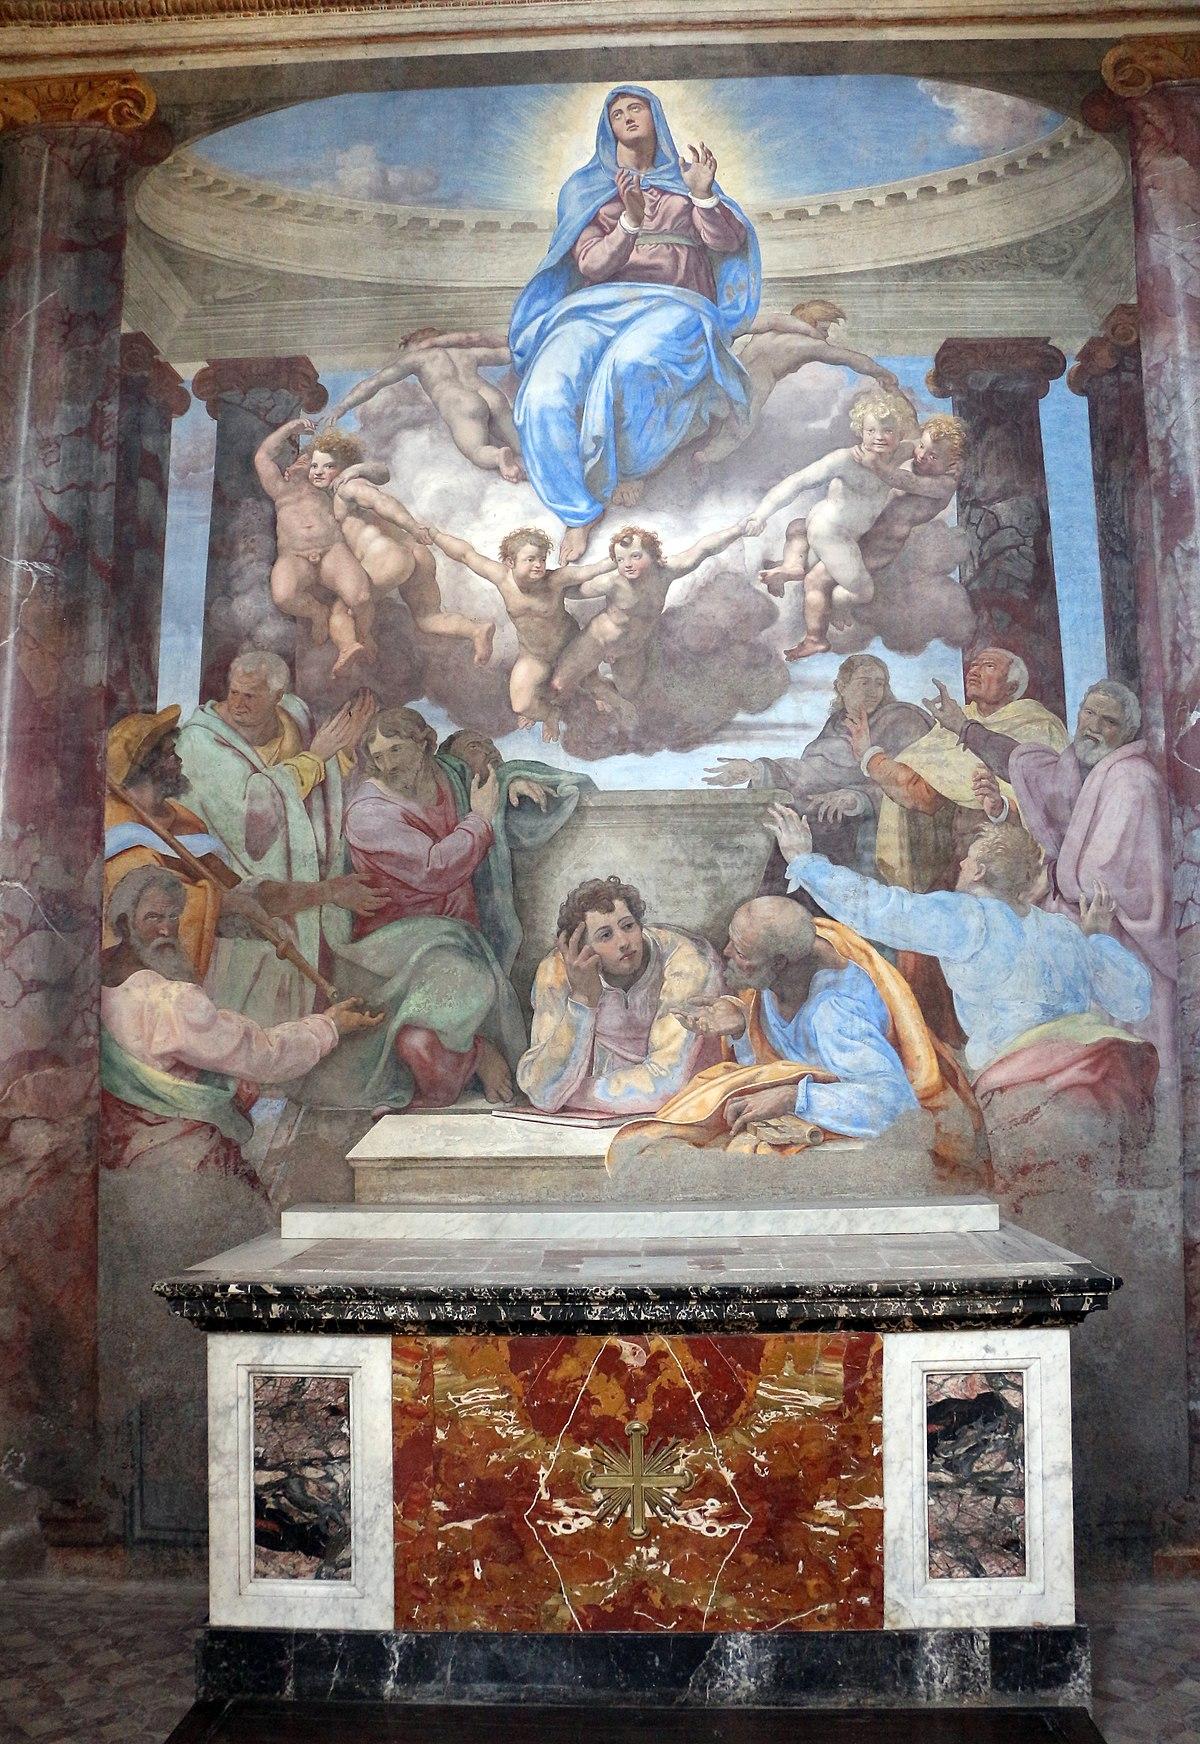 File:Daniele da volterra, assunzione della vergine, 1548 ...